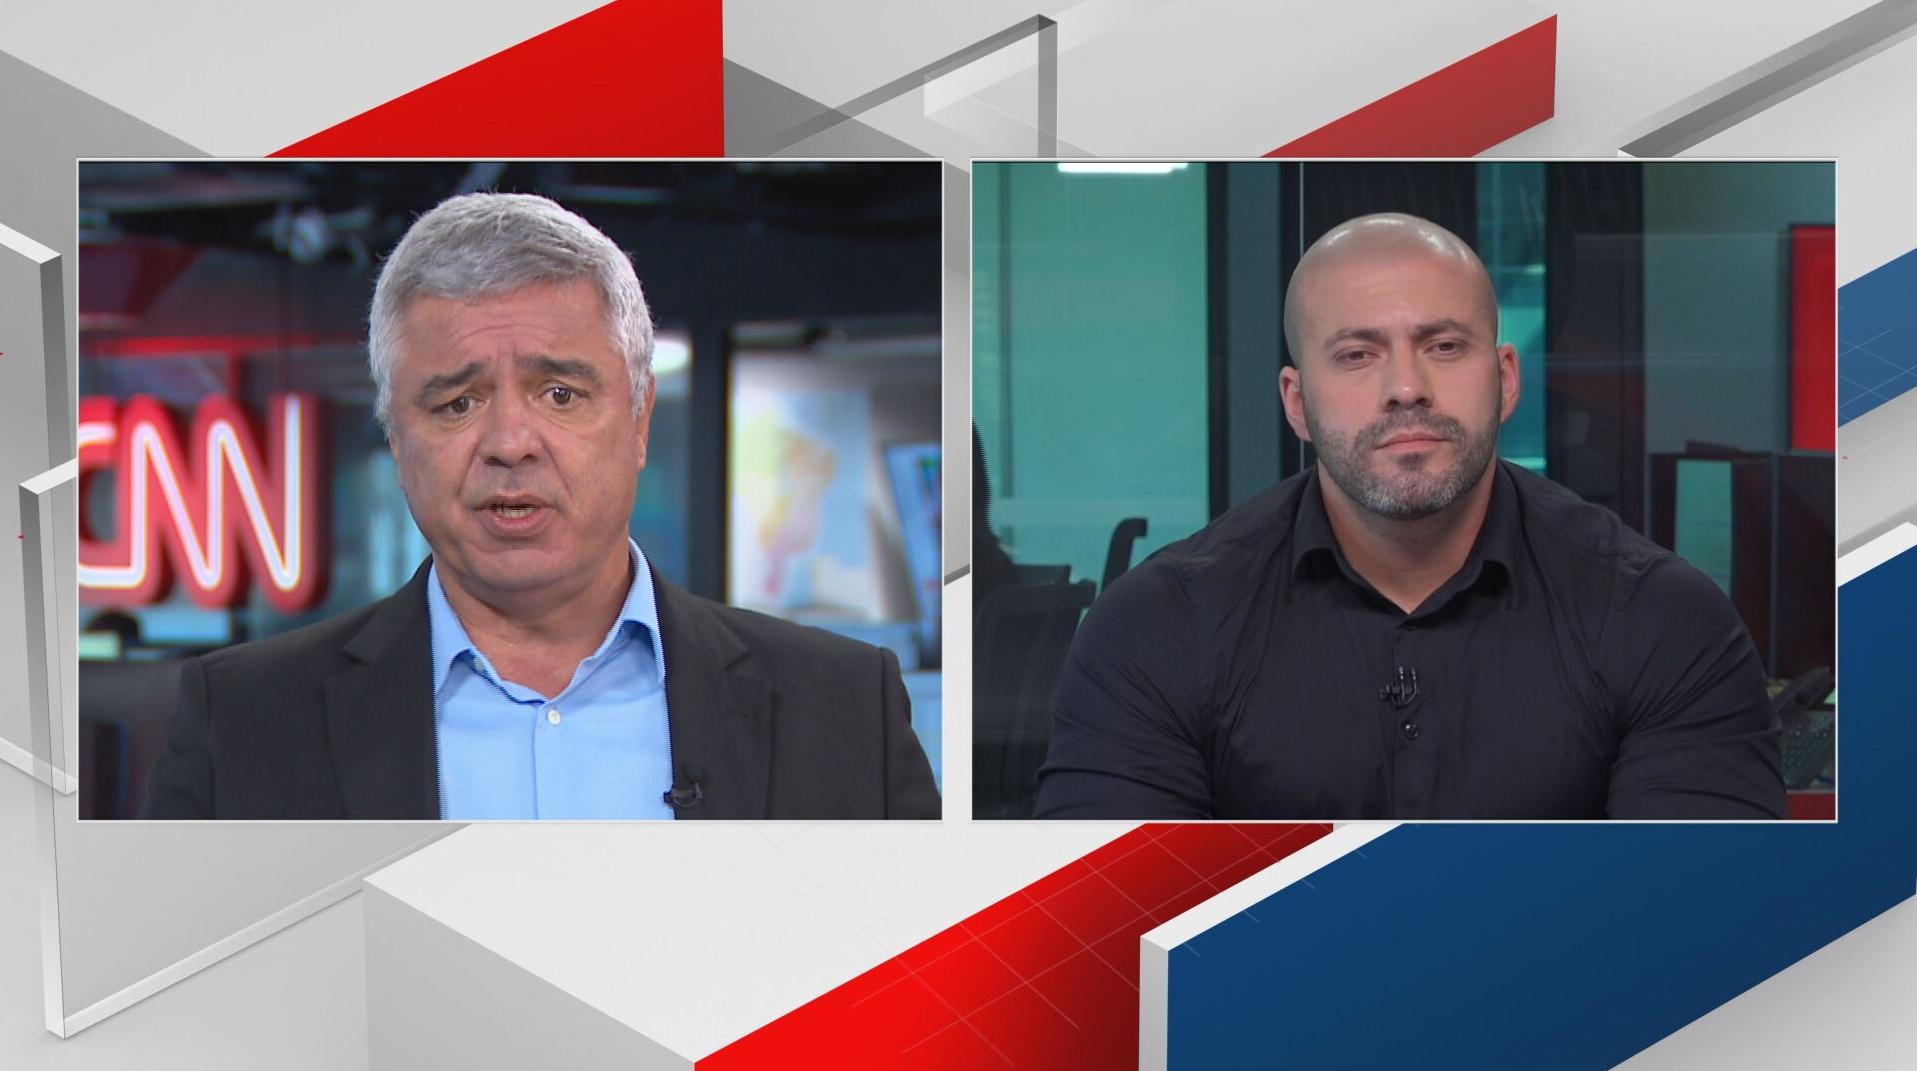 Os deputados Major Olímpio (PSL) e Daniel Silveira (PSL) debatem sobre negociaçã